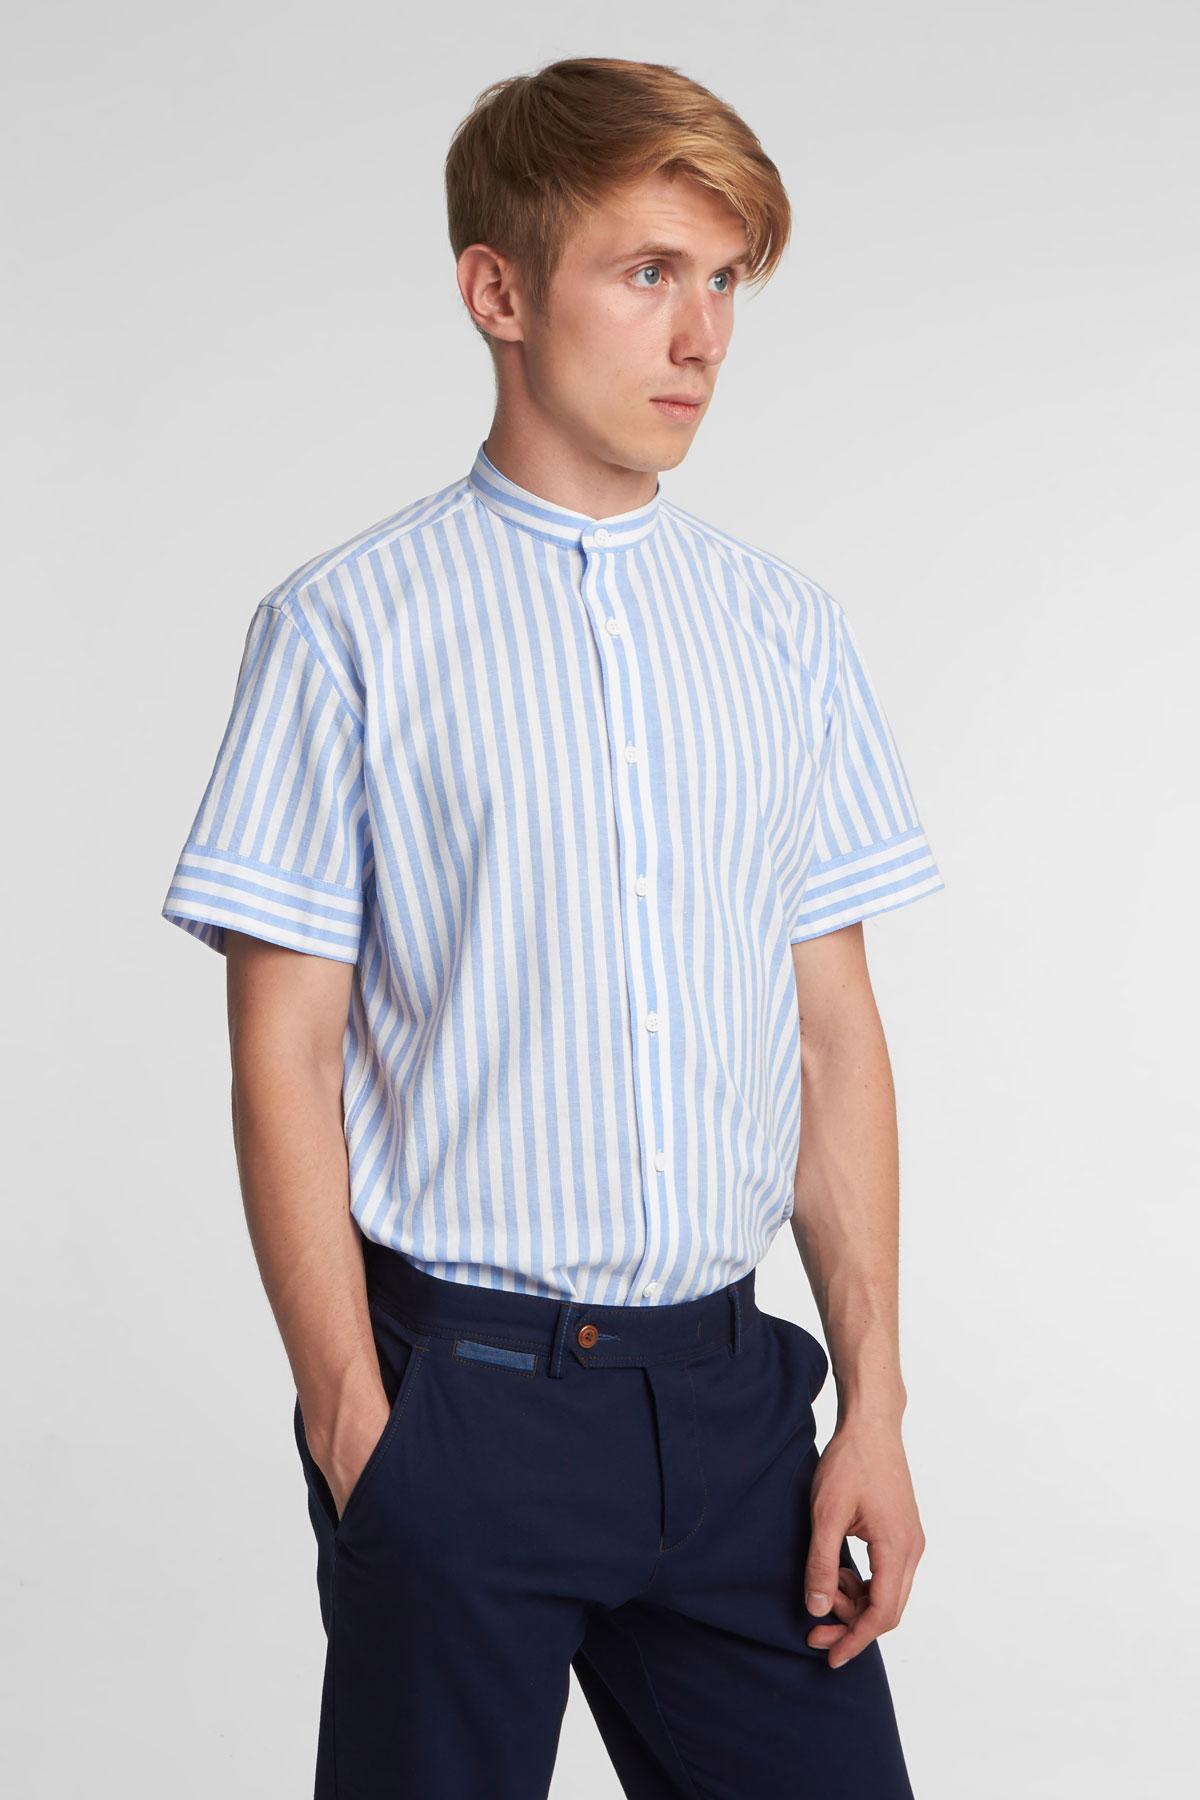 Рубашка с коротким рукавом голубого цвета в узор 18136